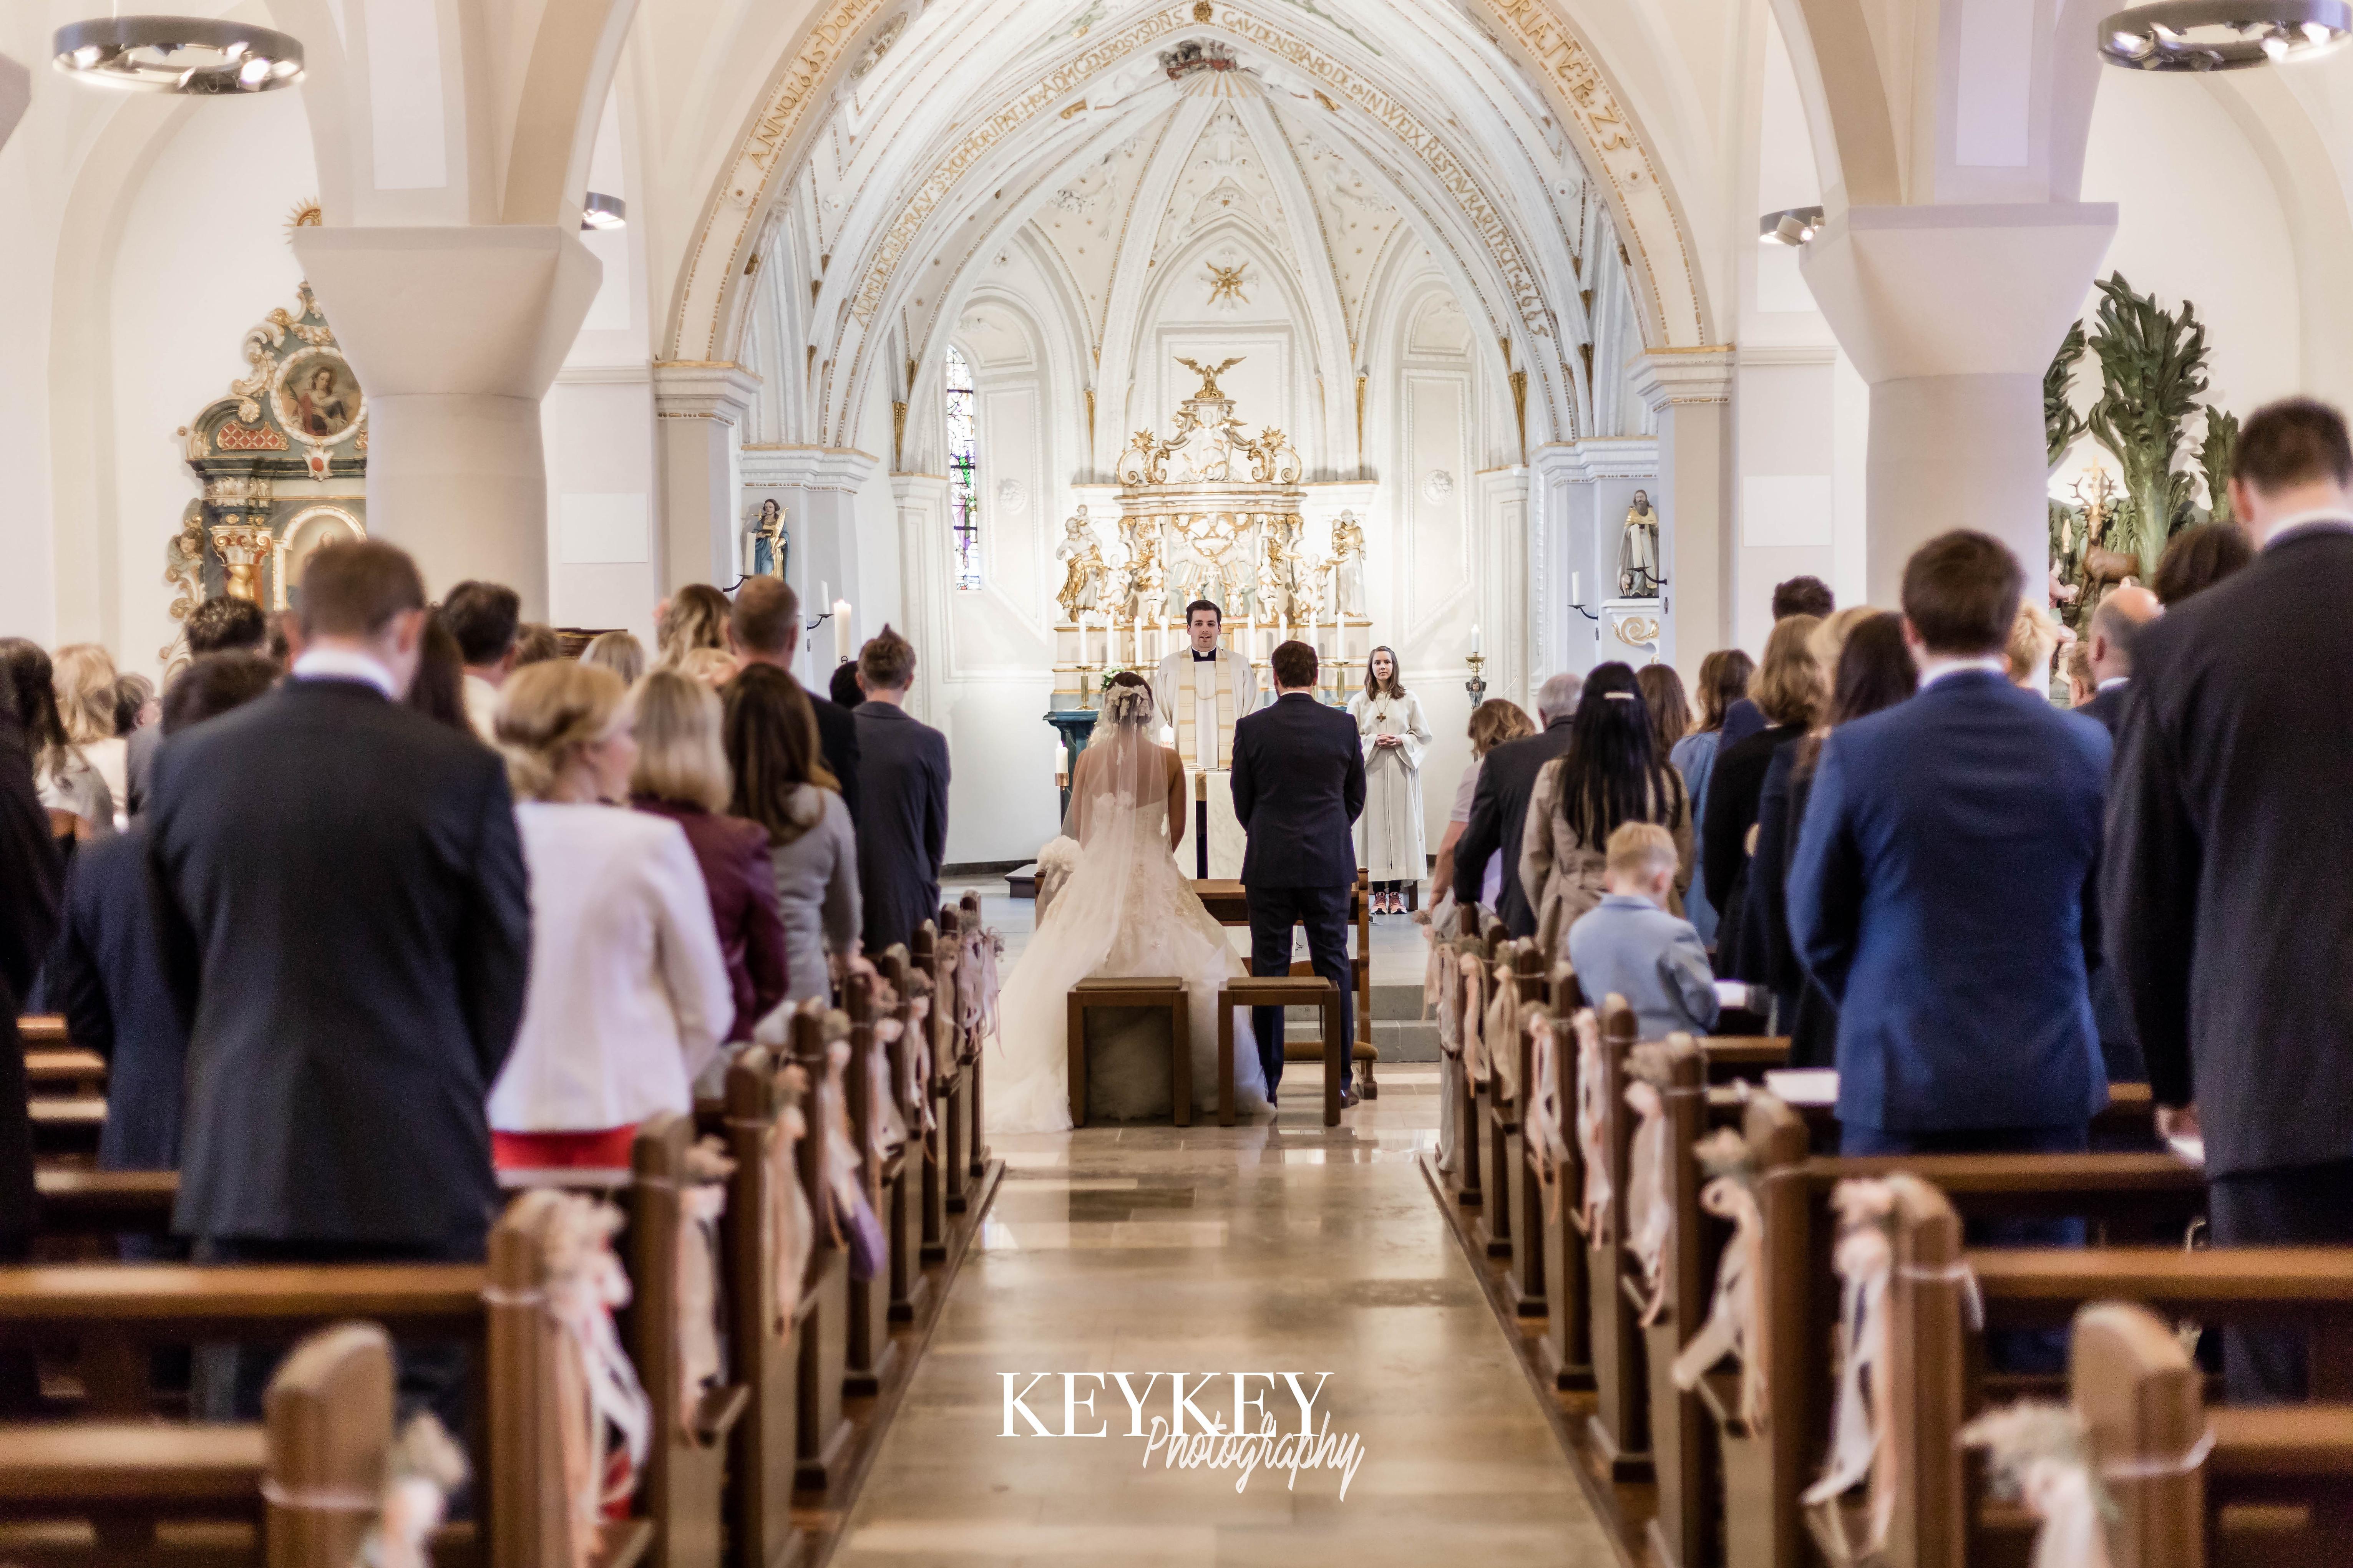 Filmaufnahmen auf Hochzeiten